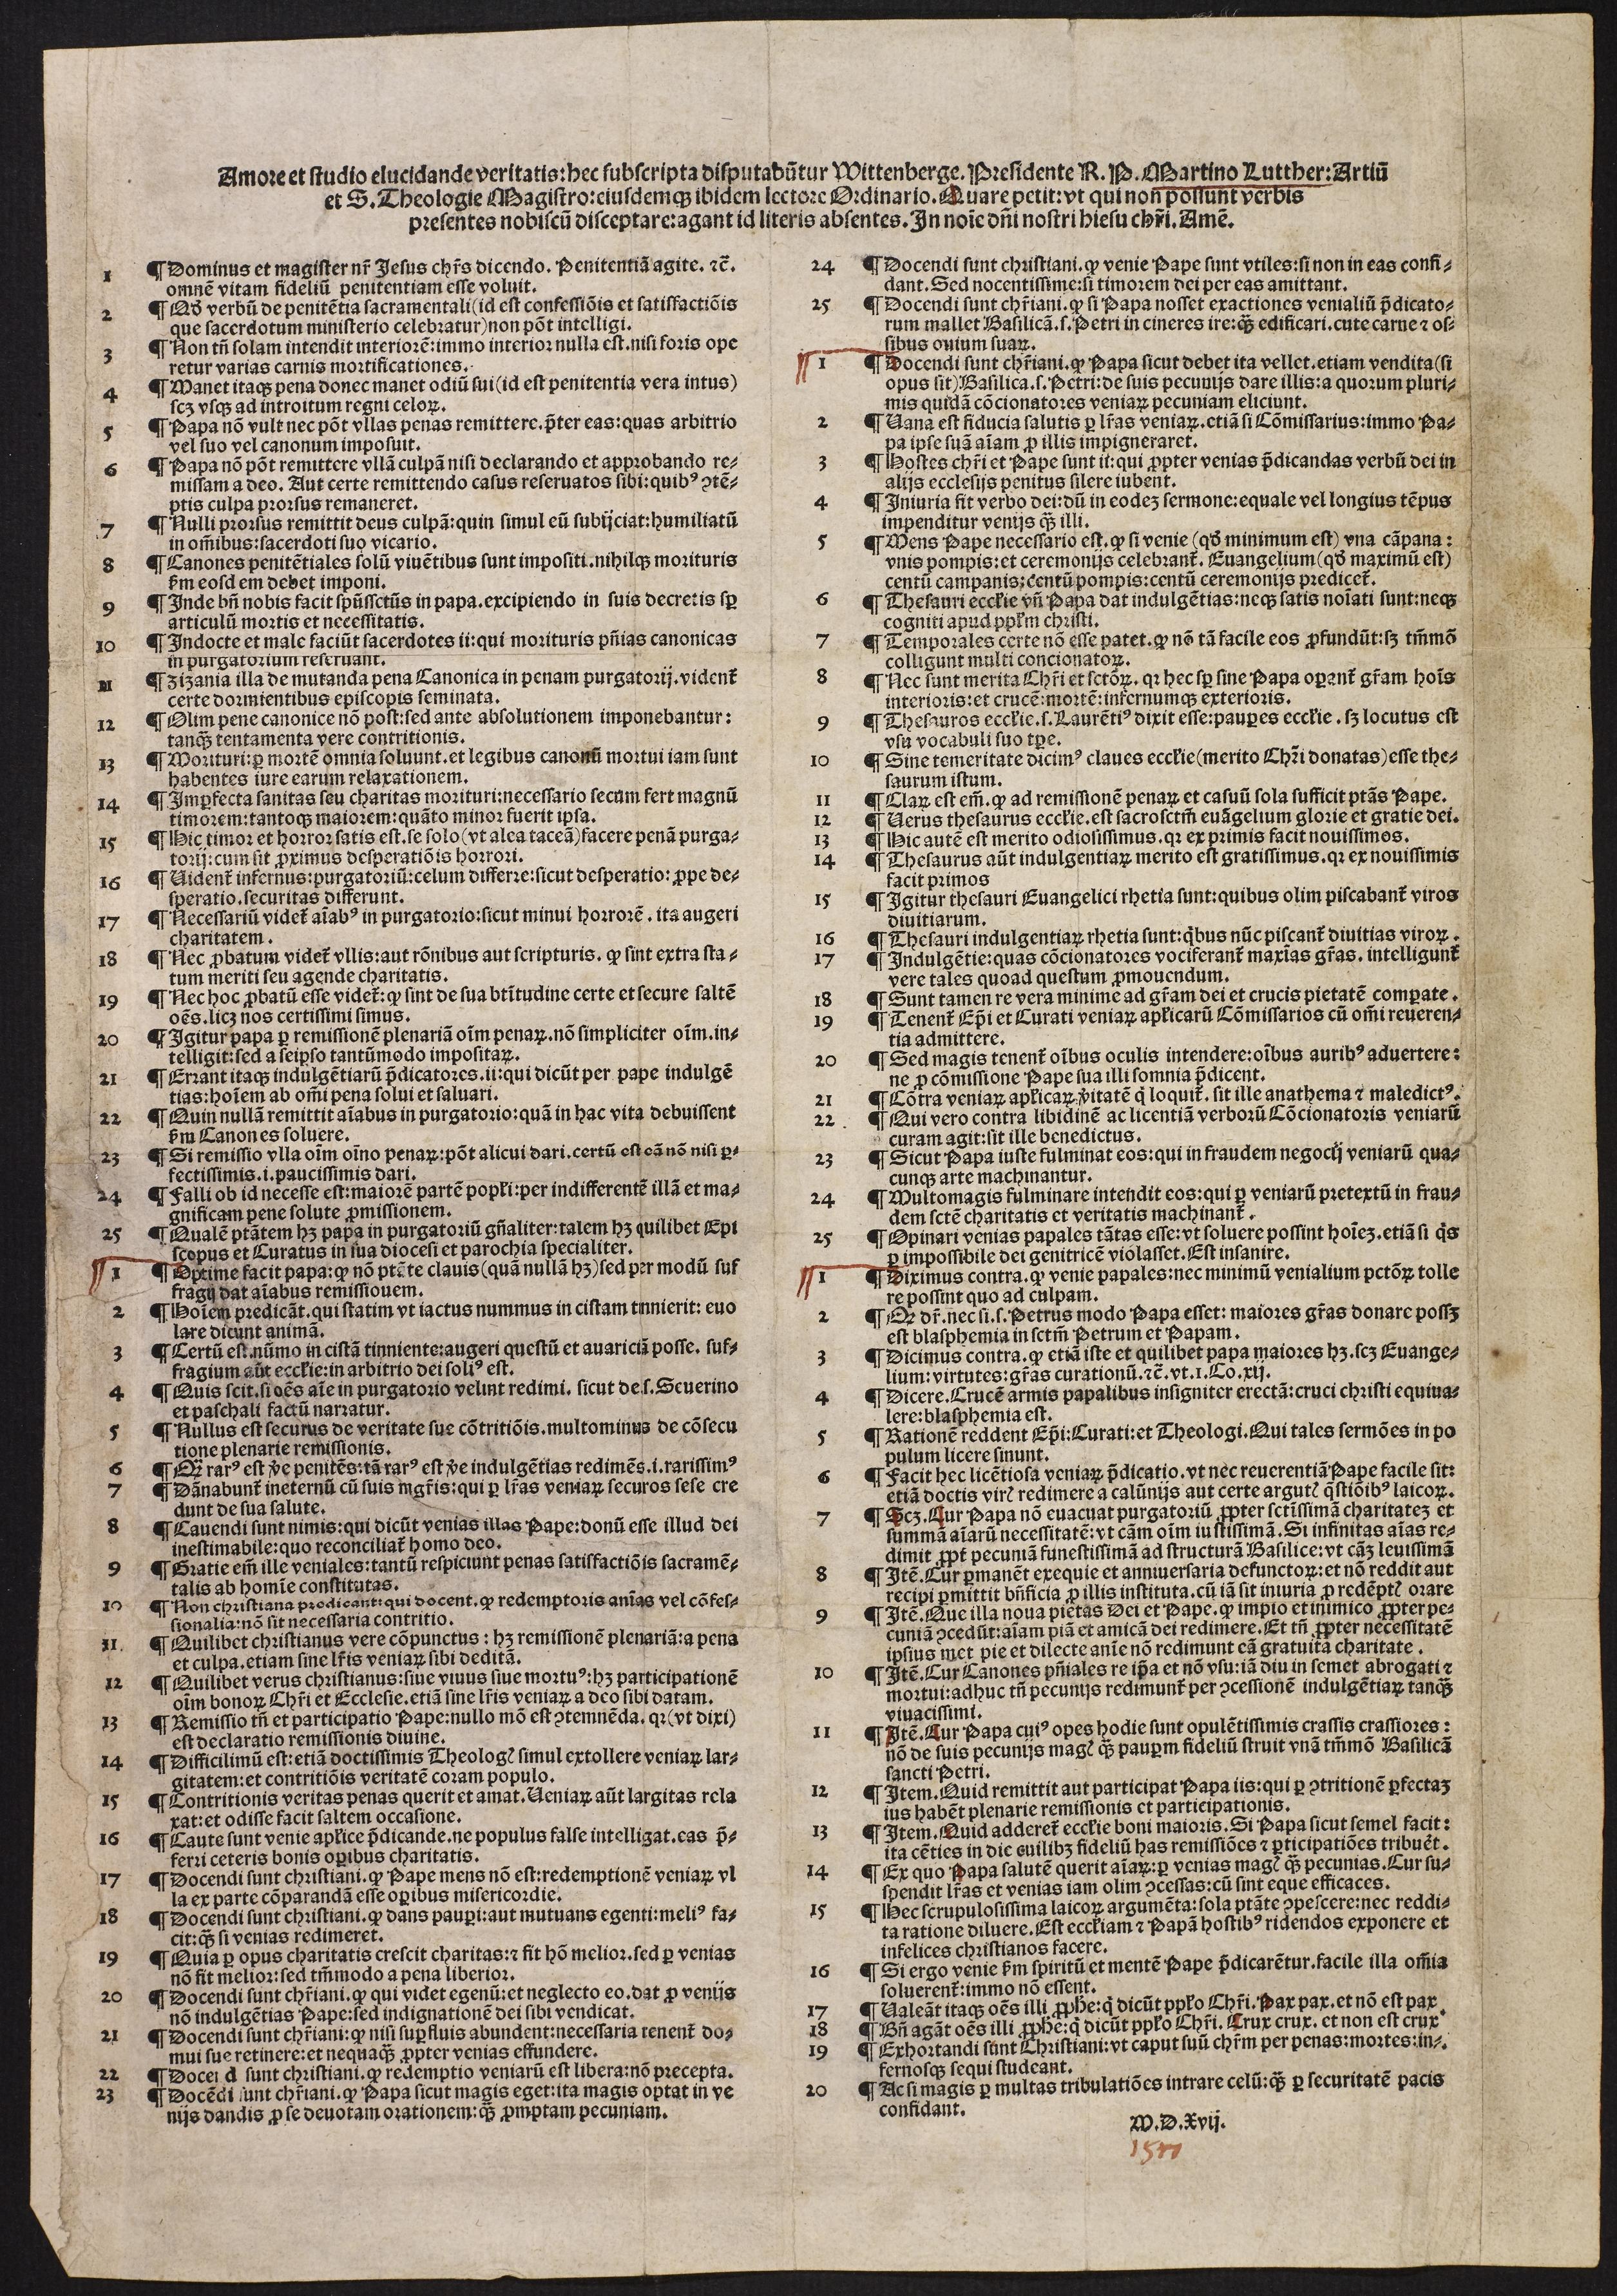 Martin Luther: Einblattdruck, Nürnberg: Hieronymos Höltze, 1517, © Staatsbibliothek zu Berlin - Preußischer Kulturbesitz